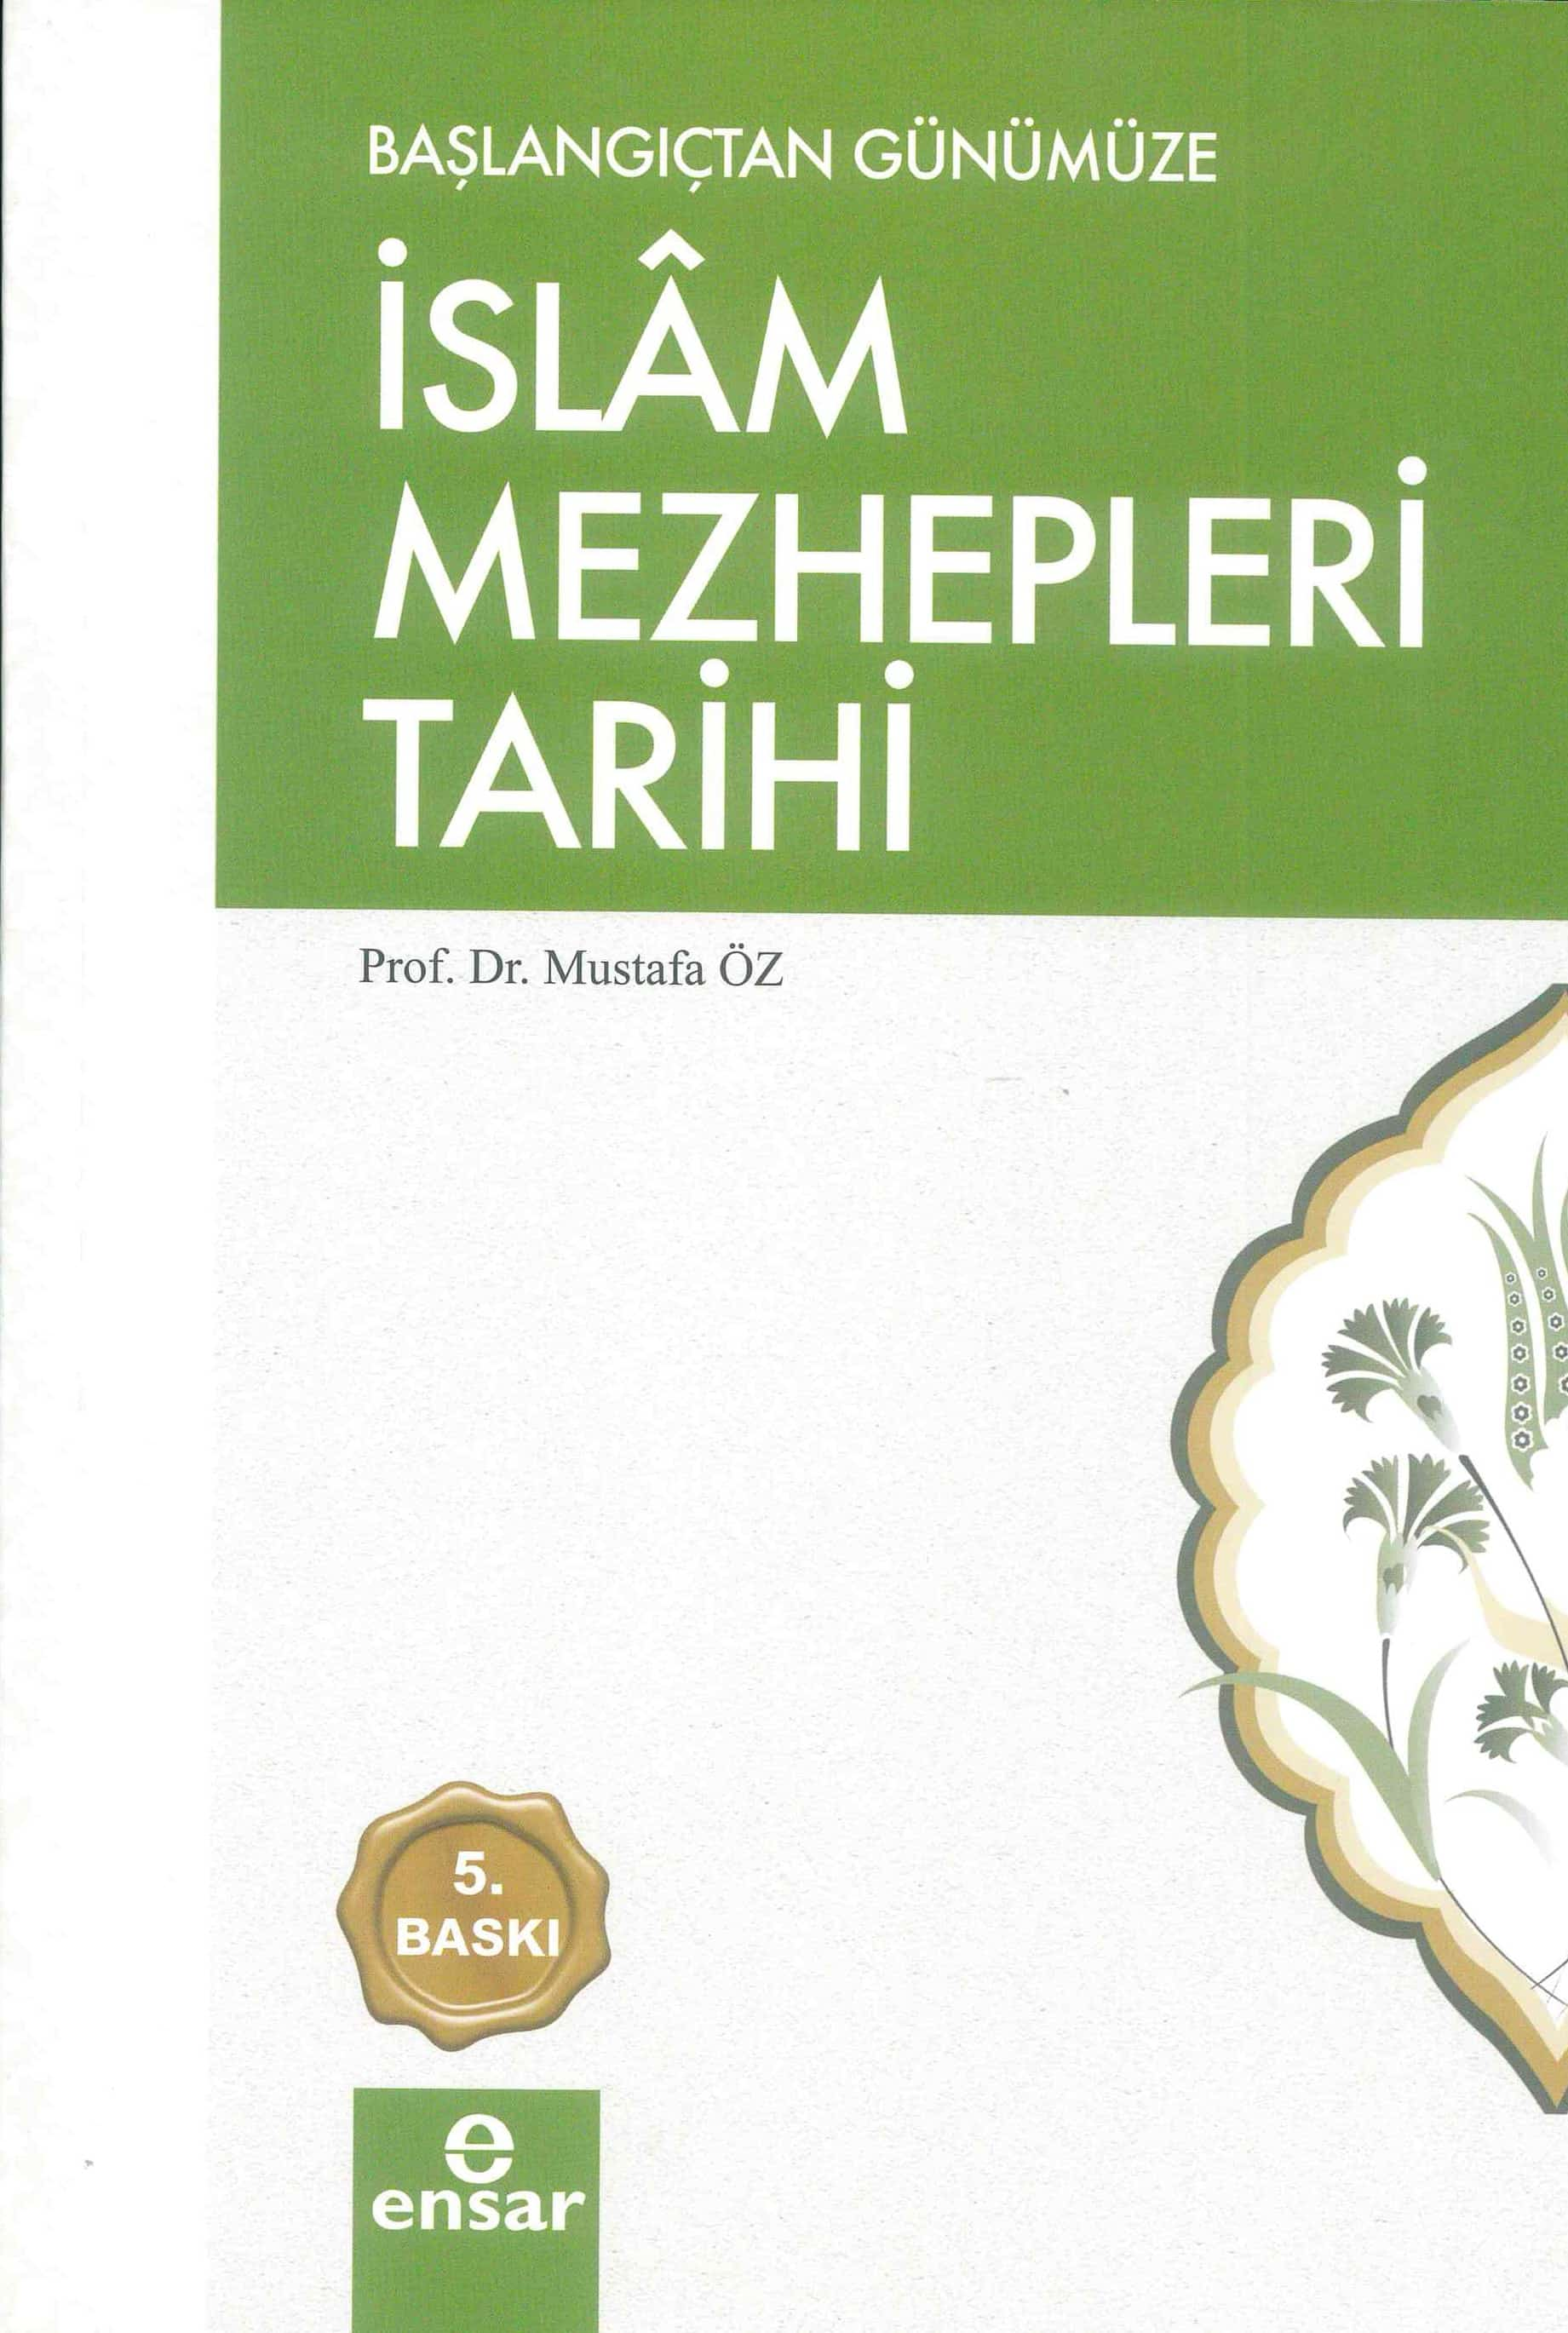 Başlangıçtan Günümüze İslam Mezhepleri Tarihi